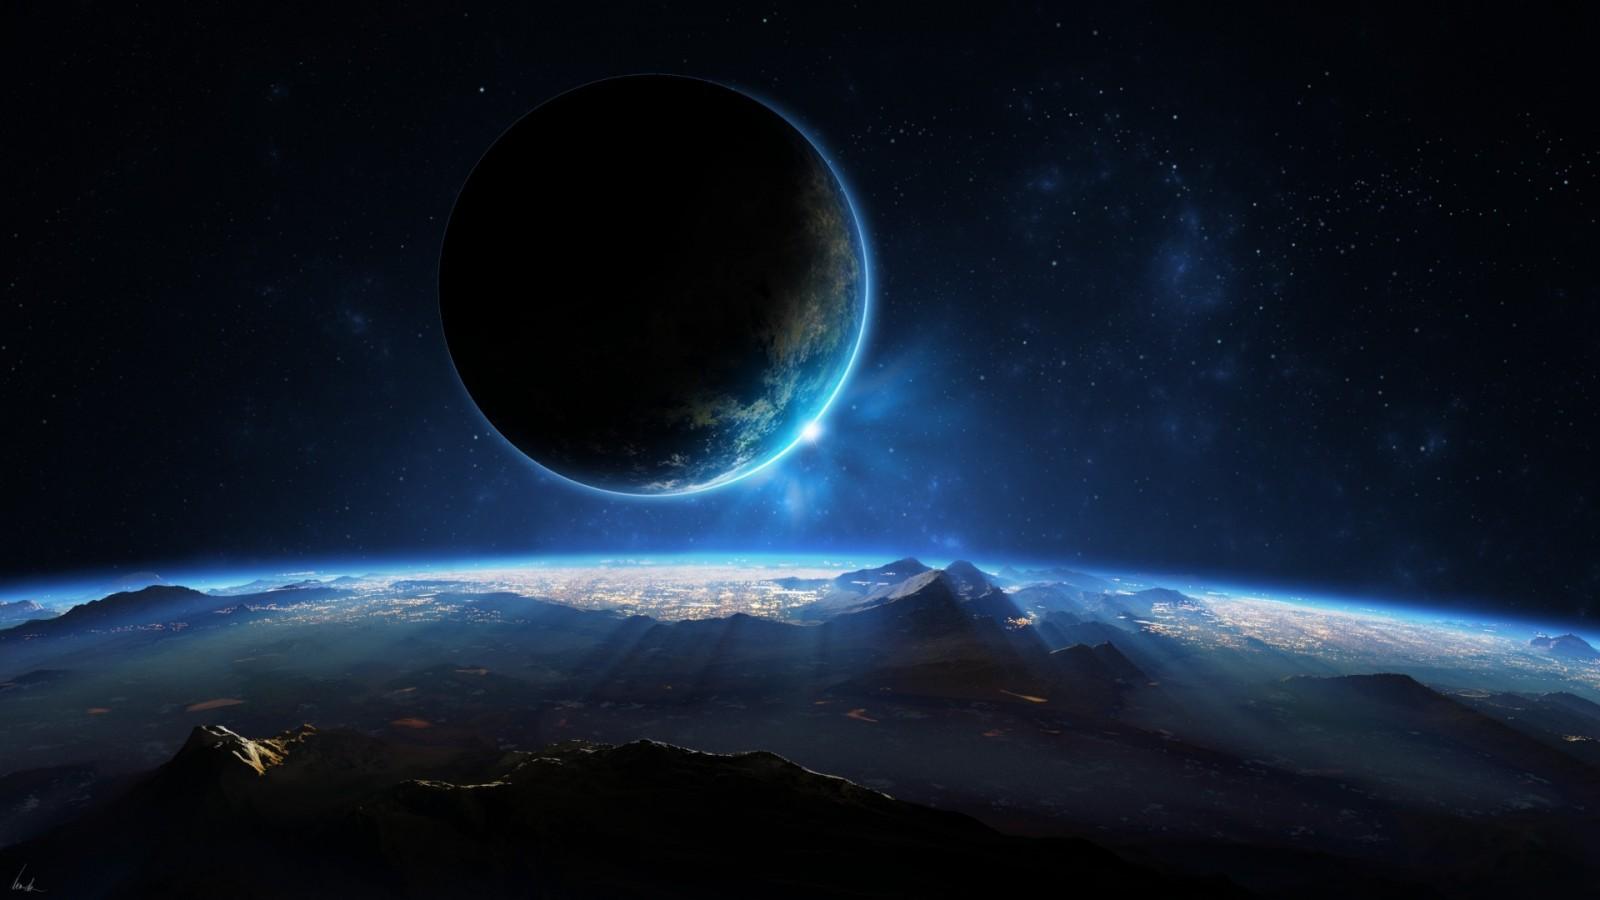 Планета обои картинки на рабочий стол